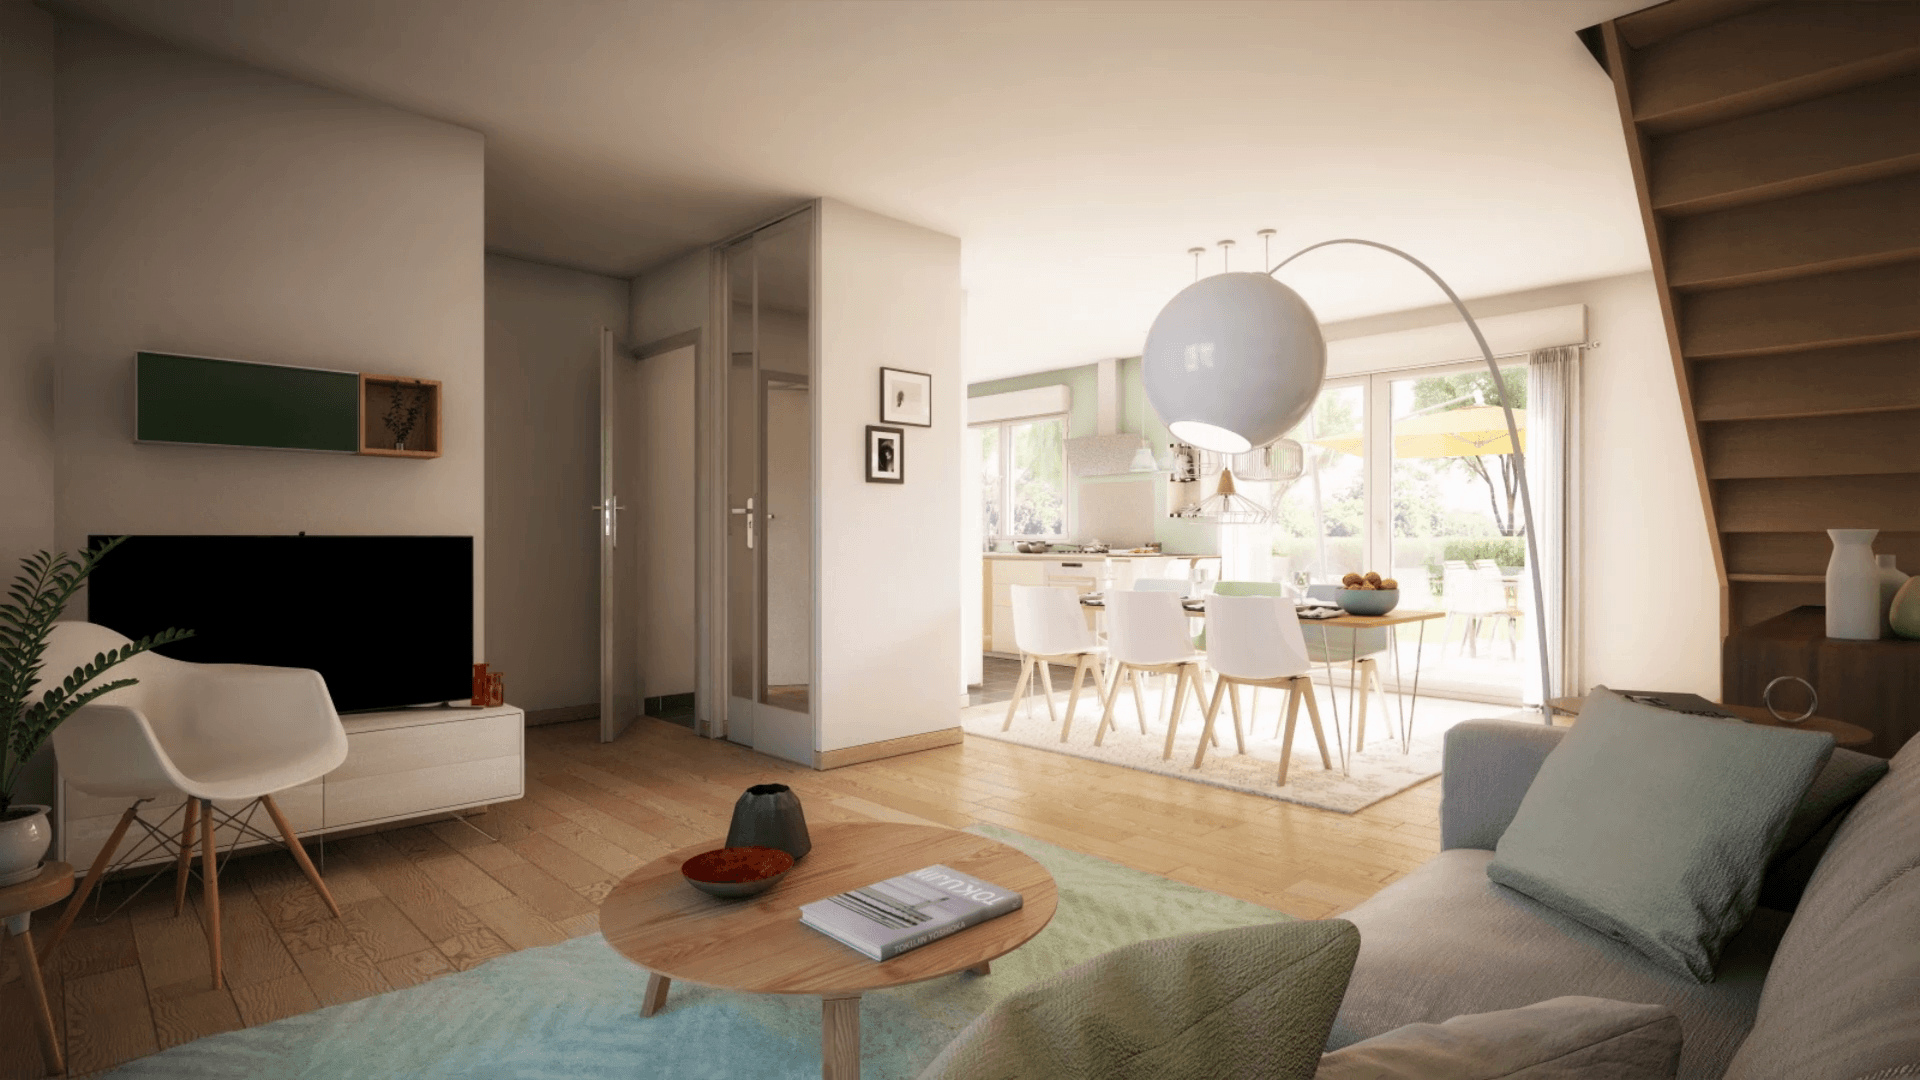 Votre maison + terrain à Chartres  - 28000